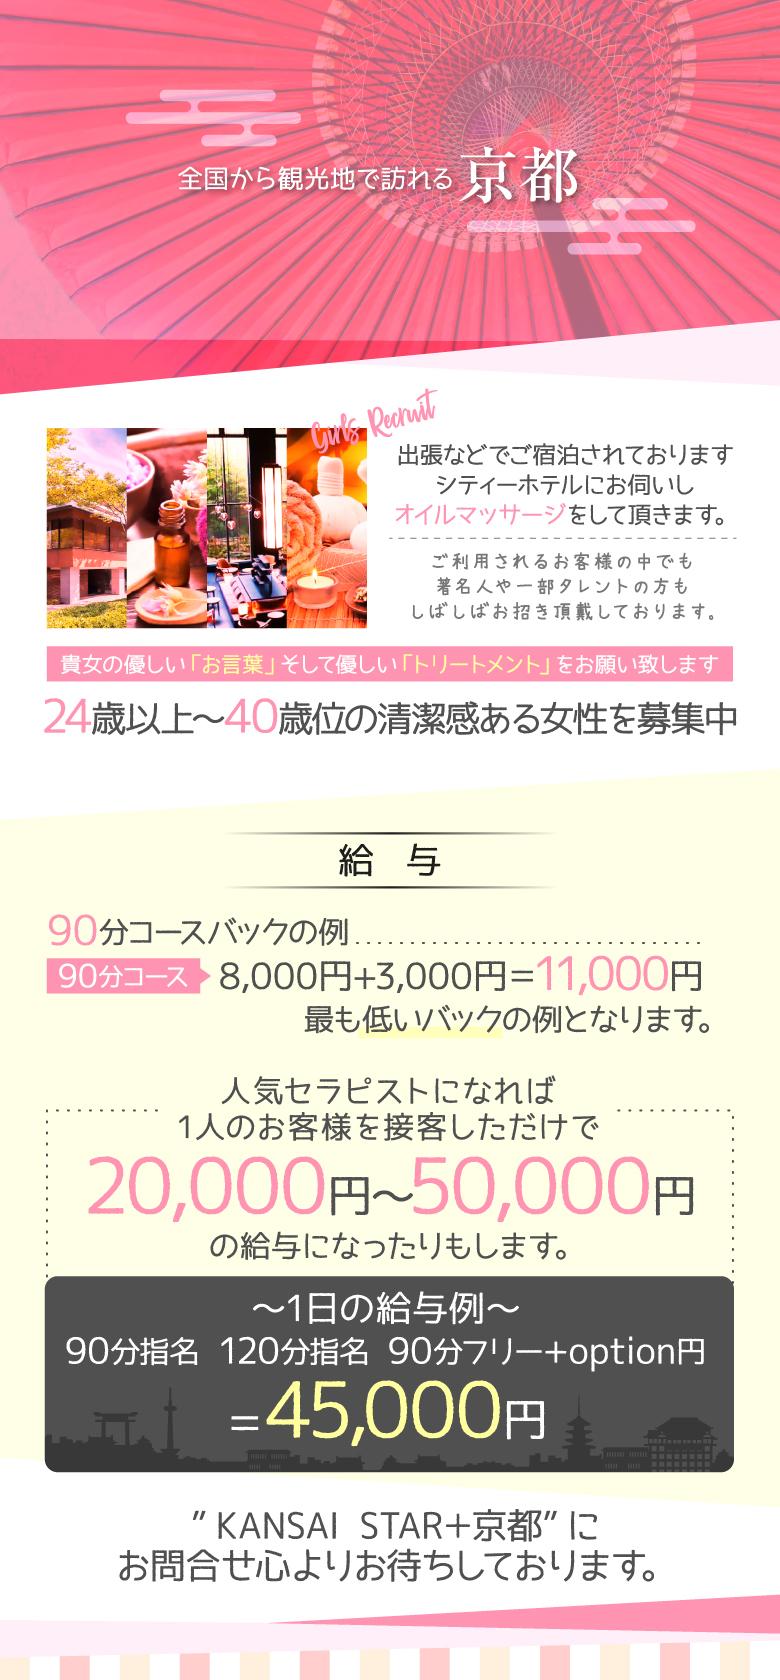 京都メンズエステKANSAI STAR+京都 求人アルバイト